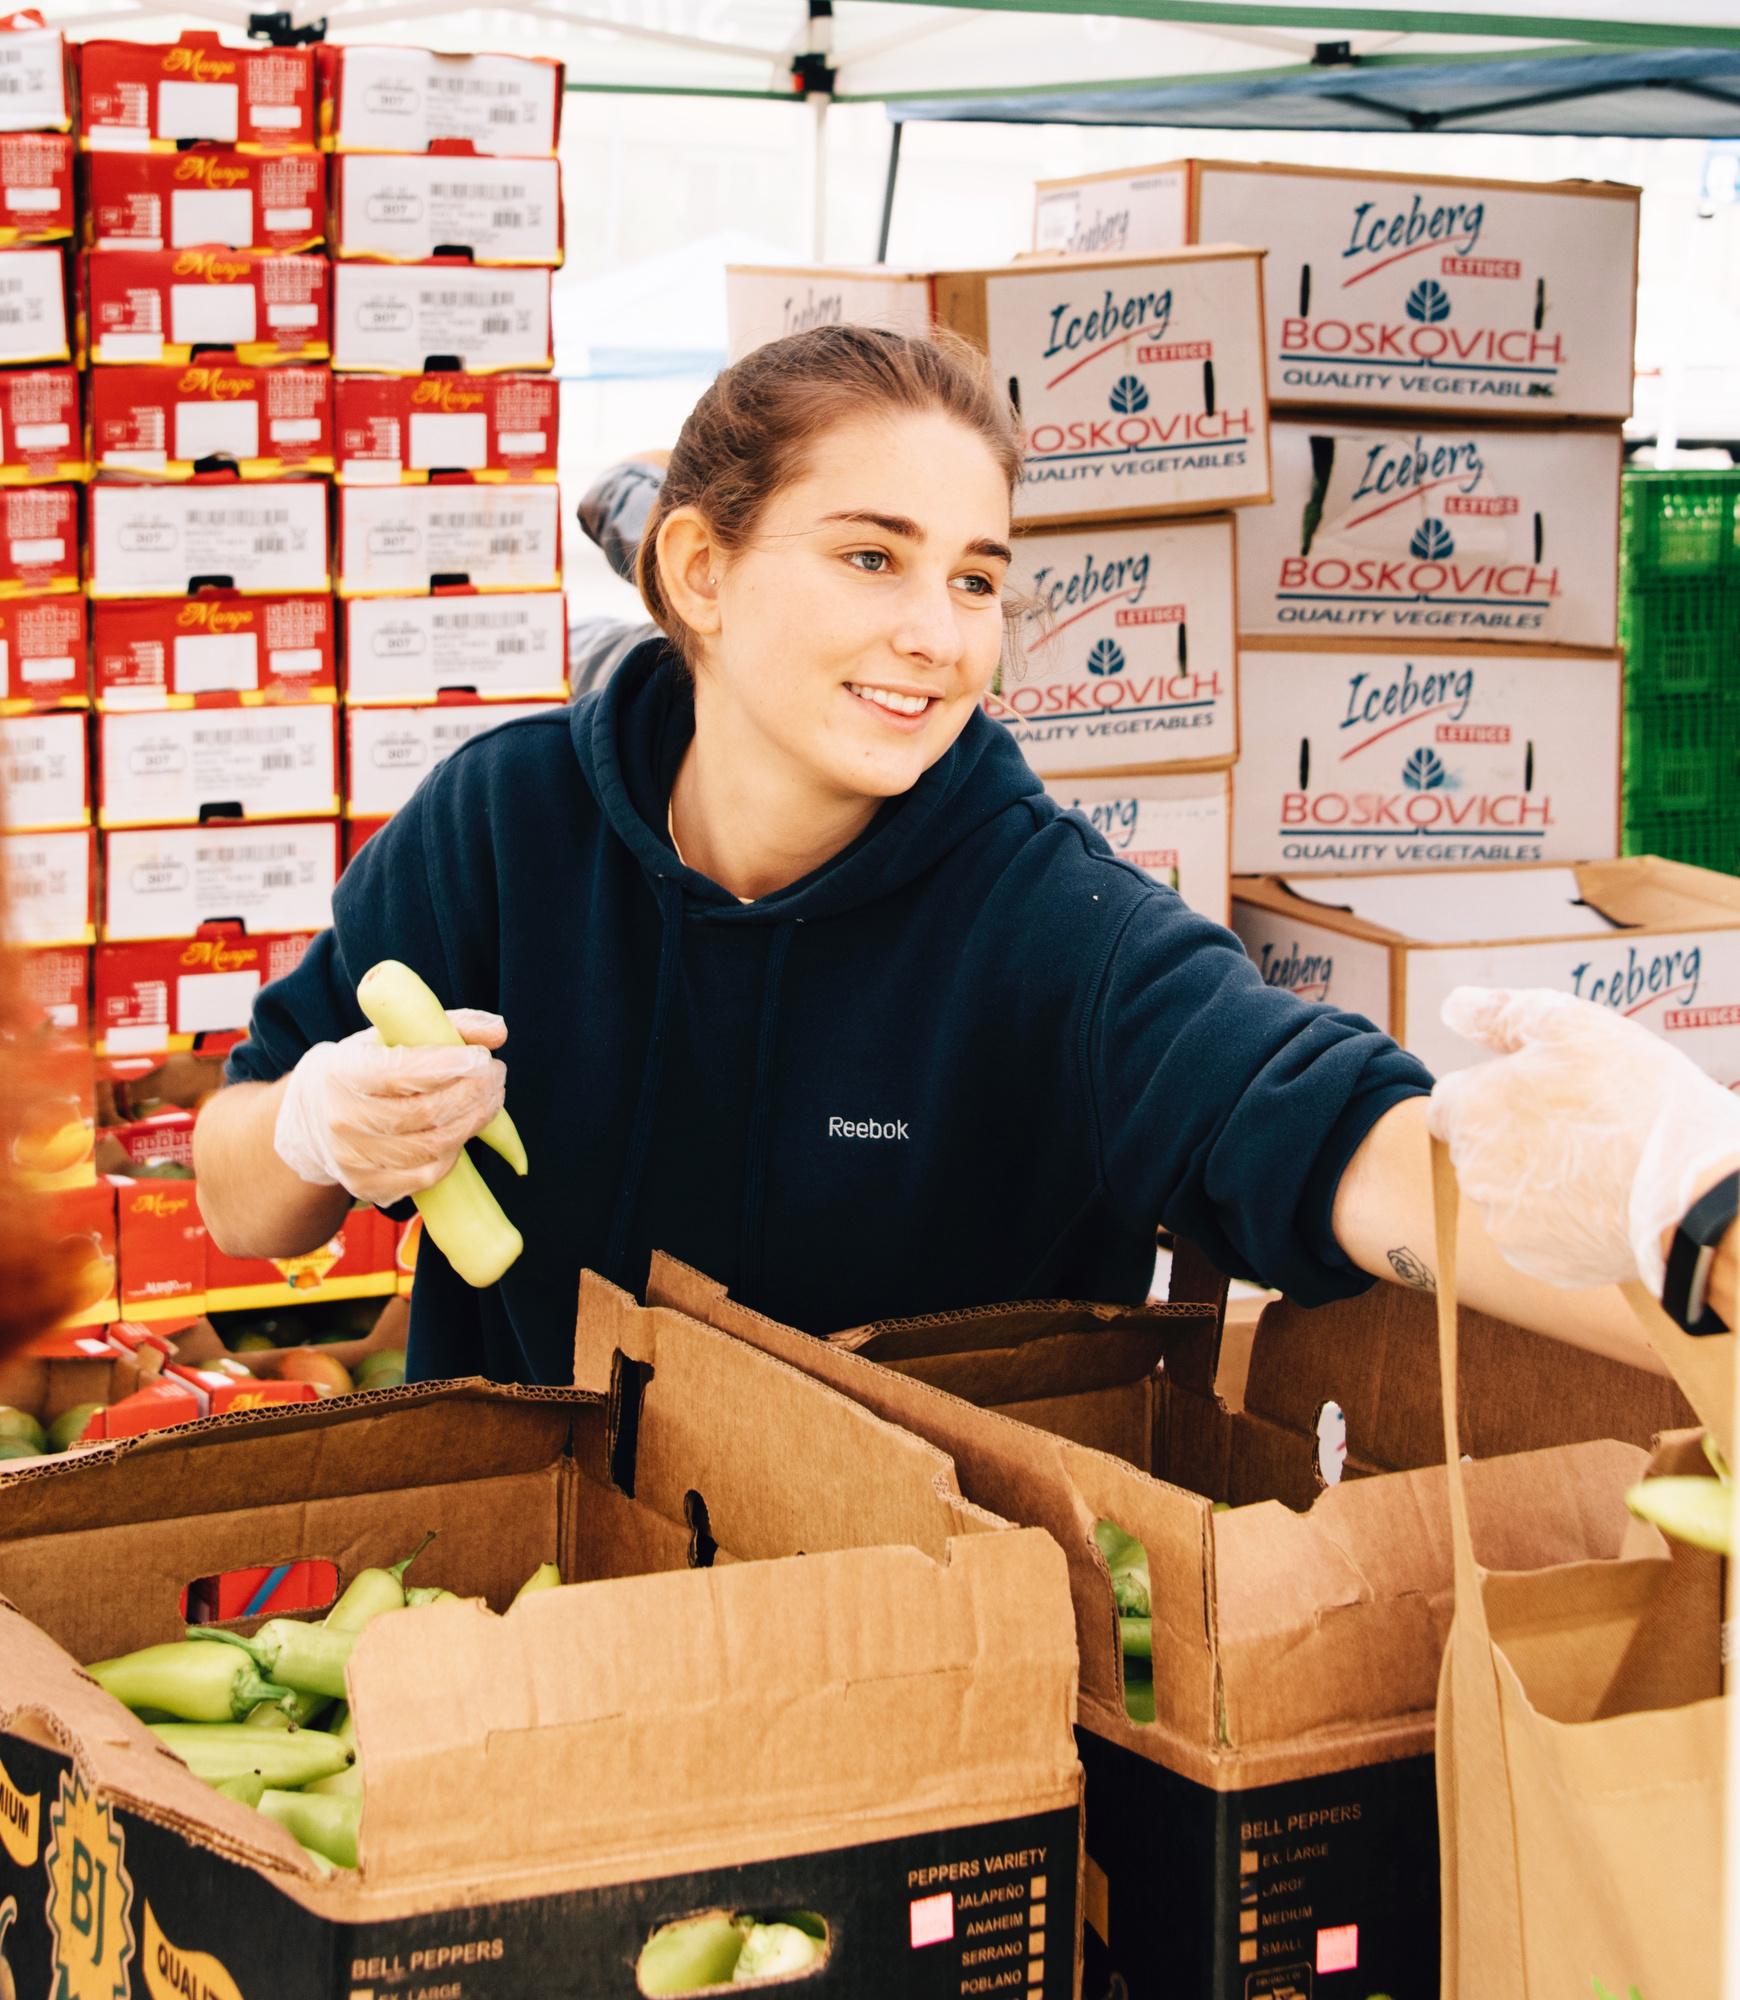 FoodForward_RebeccaPeloquin_032.JPG